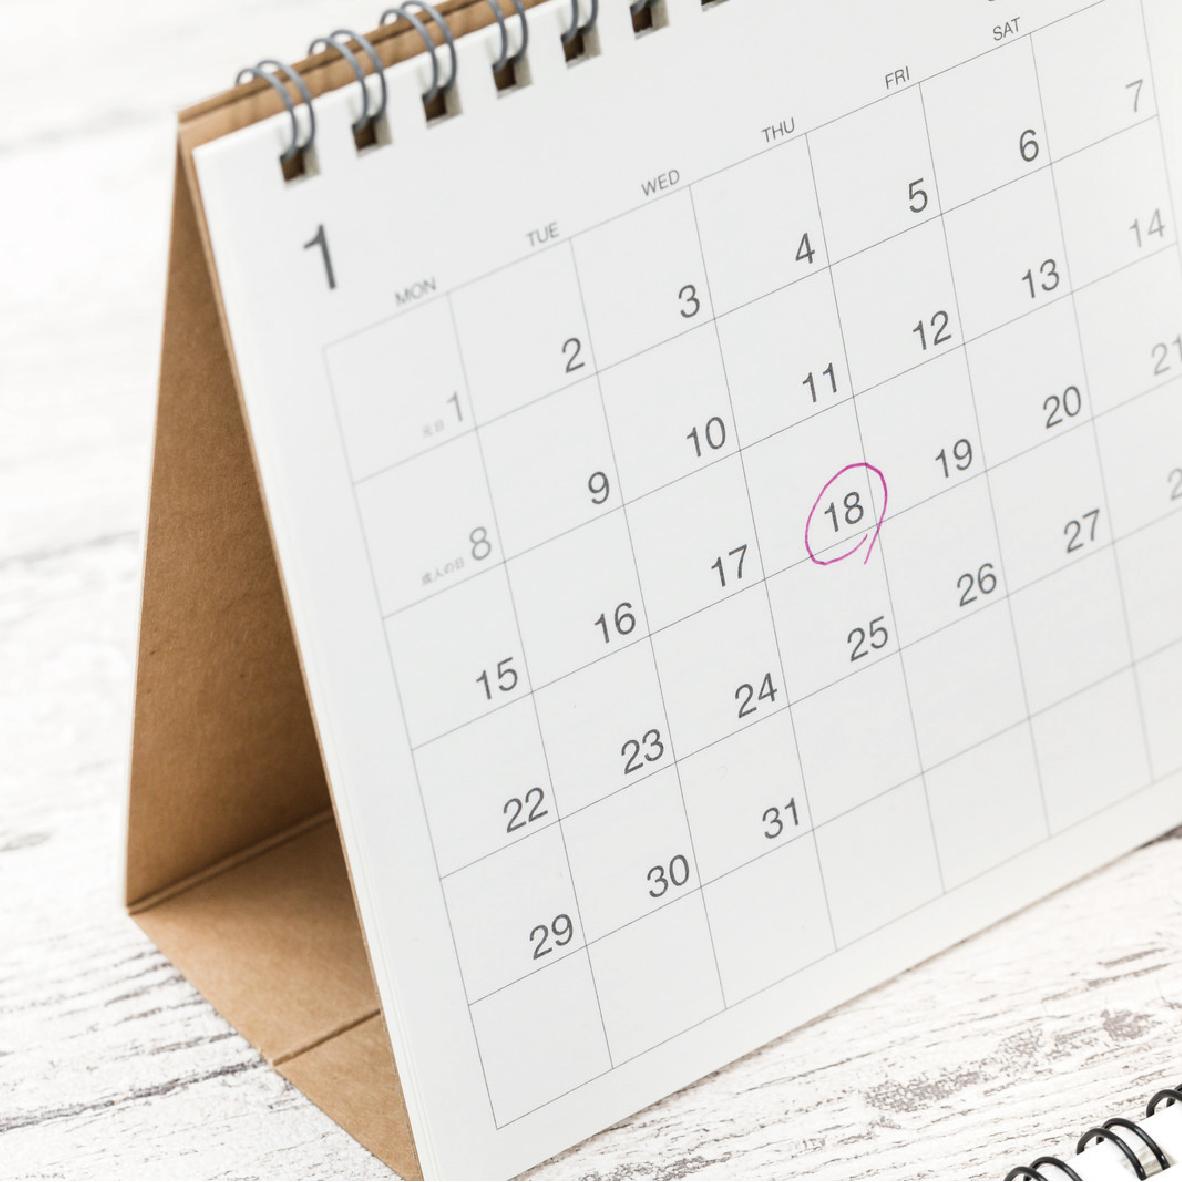 アクセアアプリのカレンダーが2020年度版に更新されました